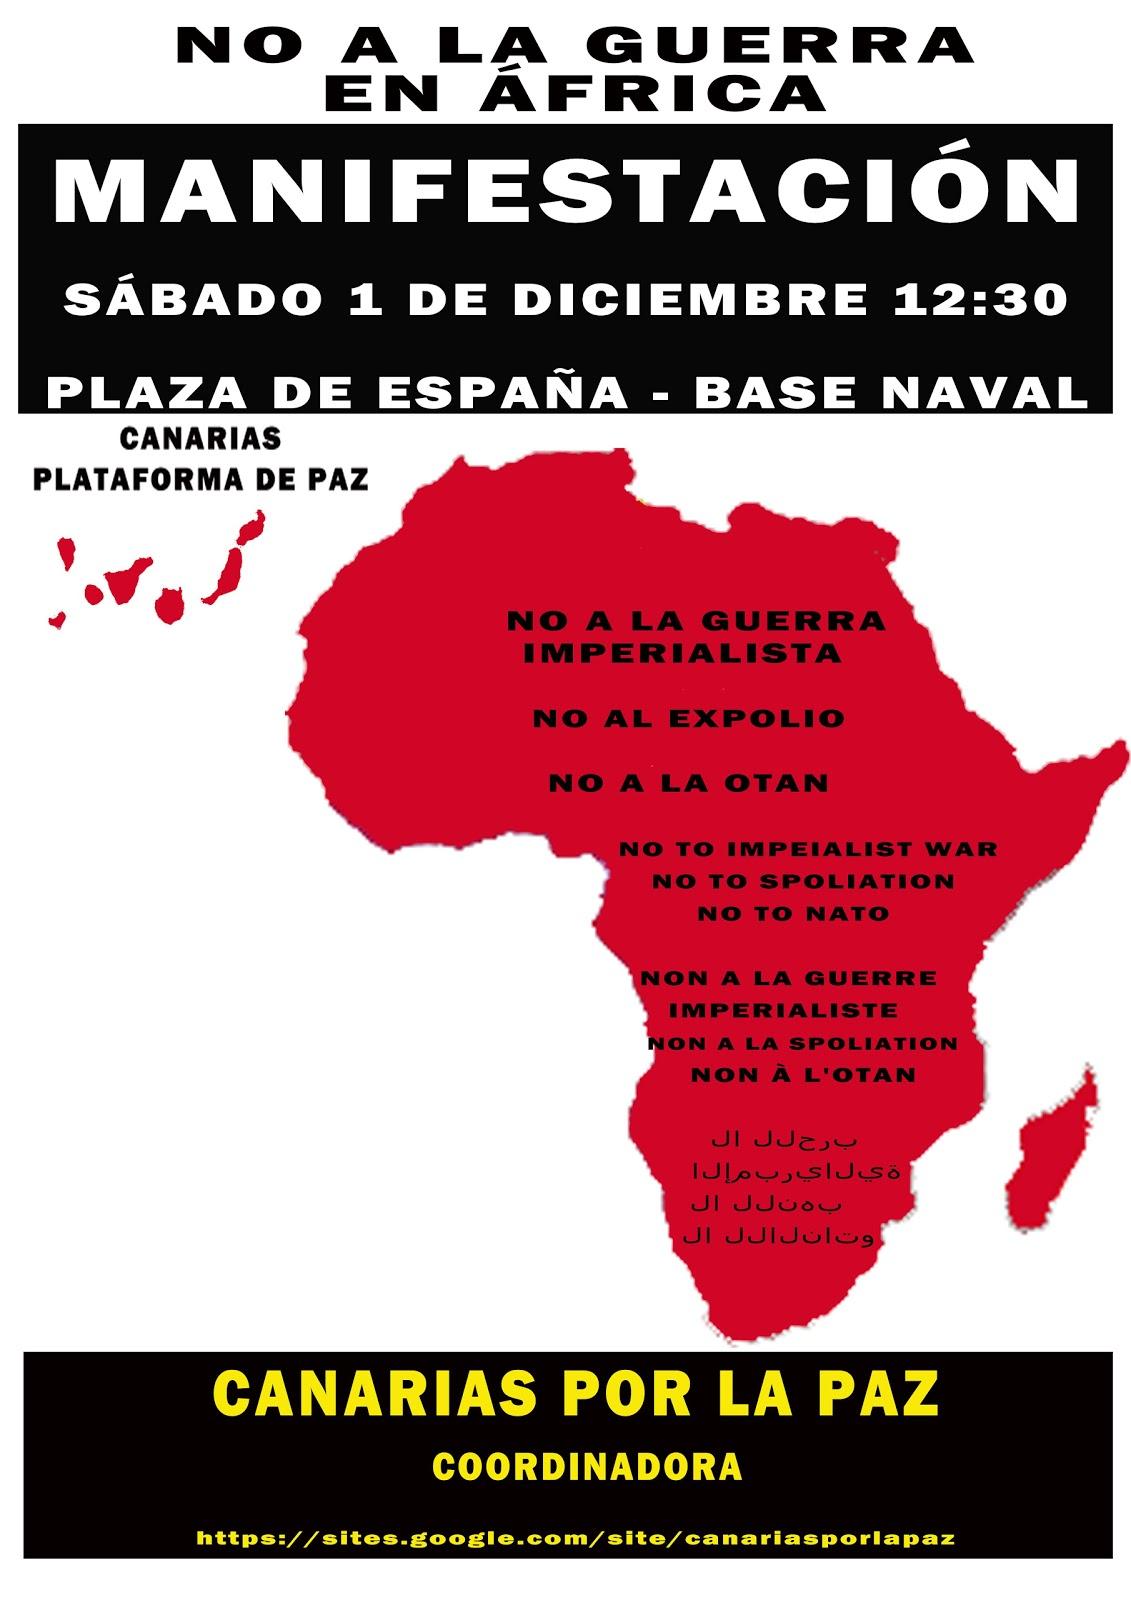 http://3.bp.blogspot.com/-lfJWRy22oFE/ULoRRVHR5zI/AAAAAAAAAvs/KlwfHpduGRI/s1600/no%2Bguerra%2Ben%2BAfrica.jpg